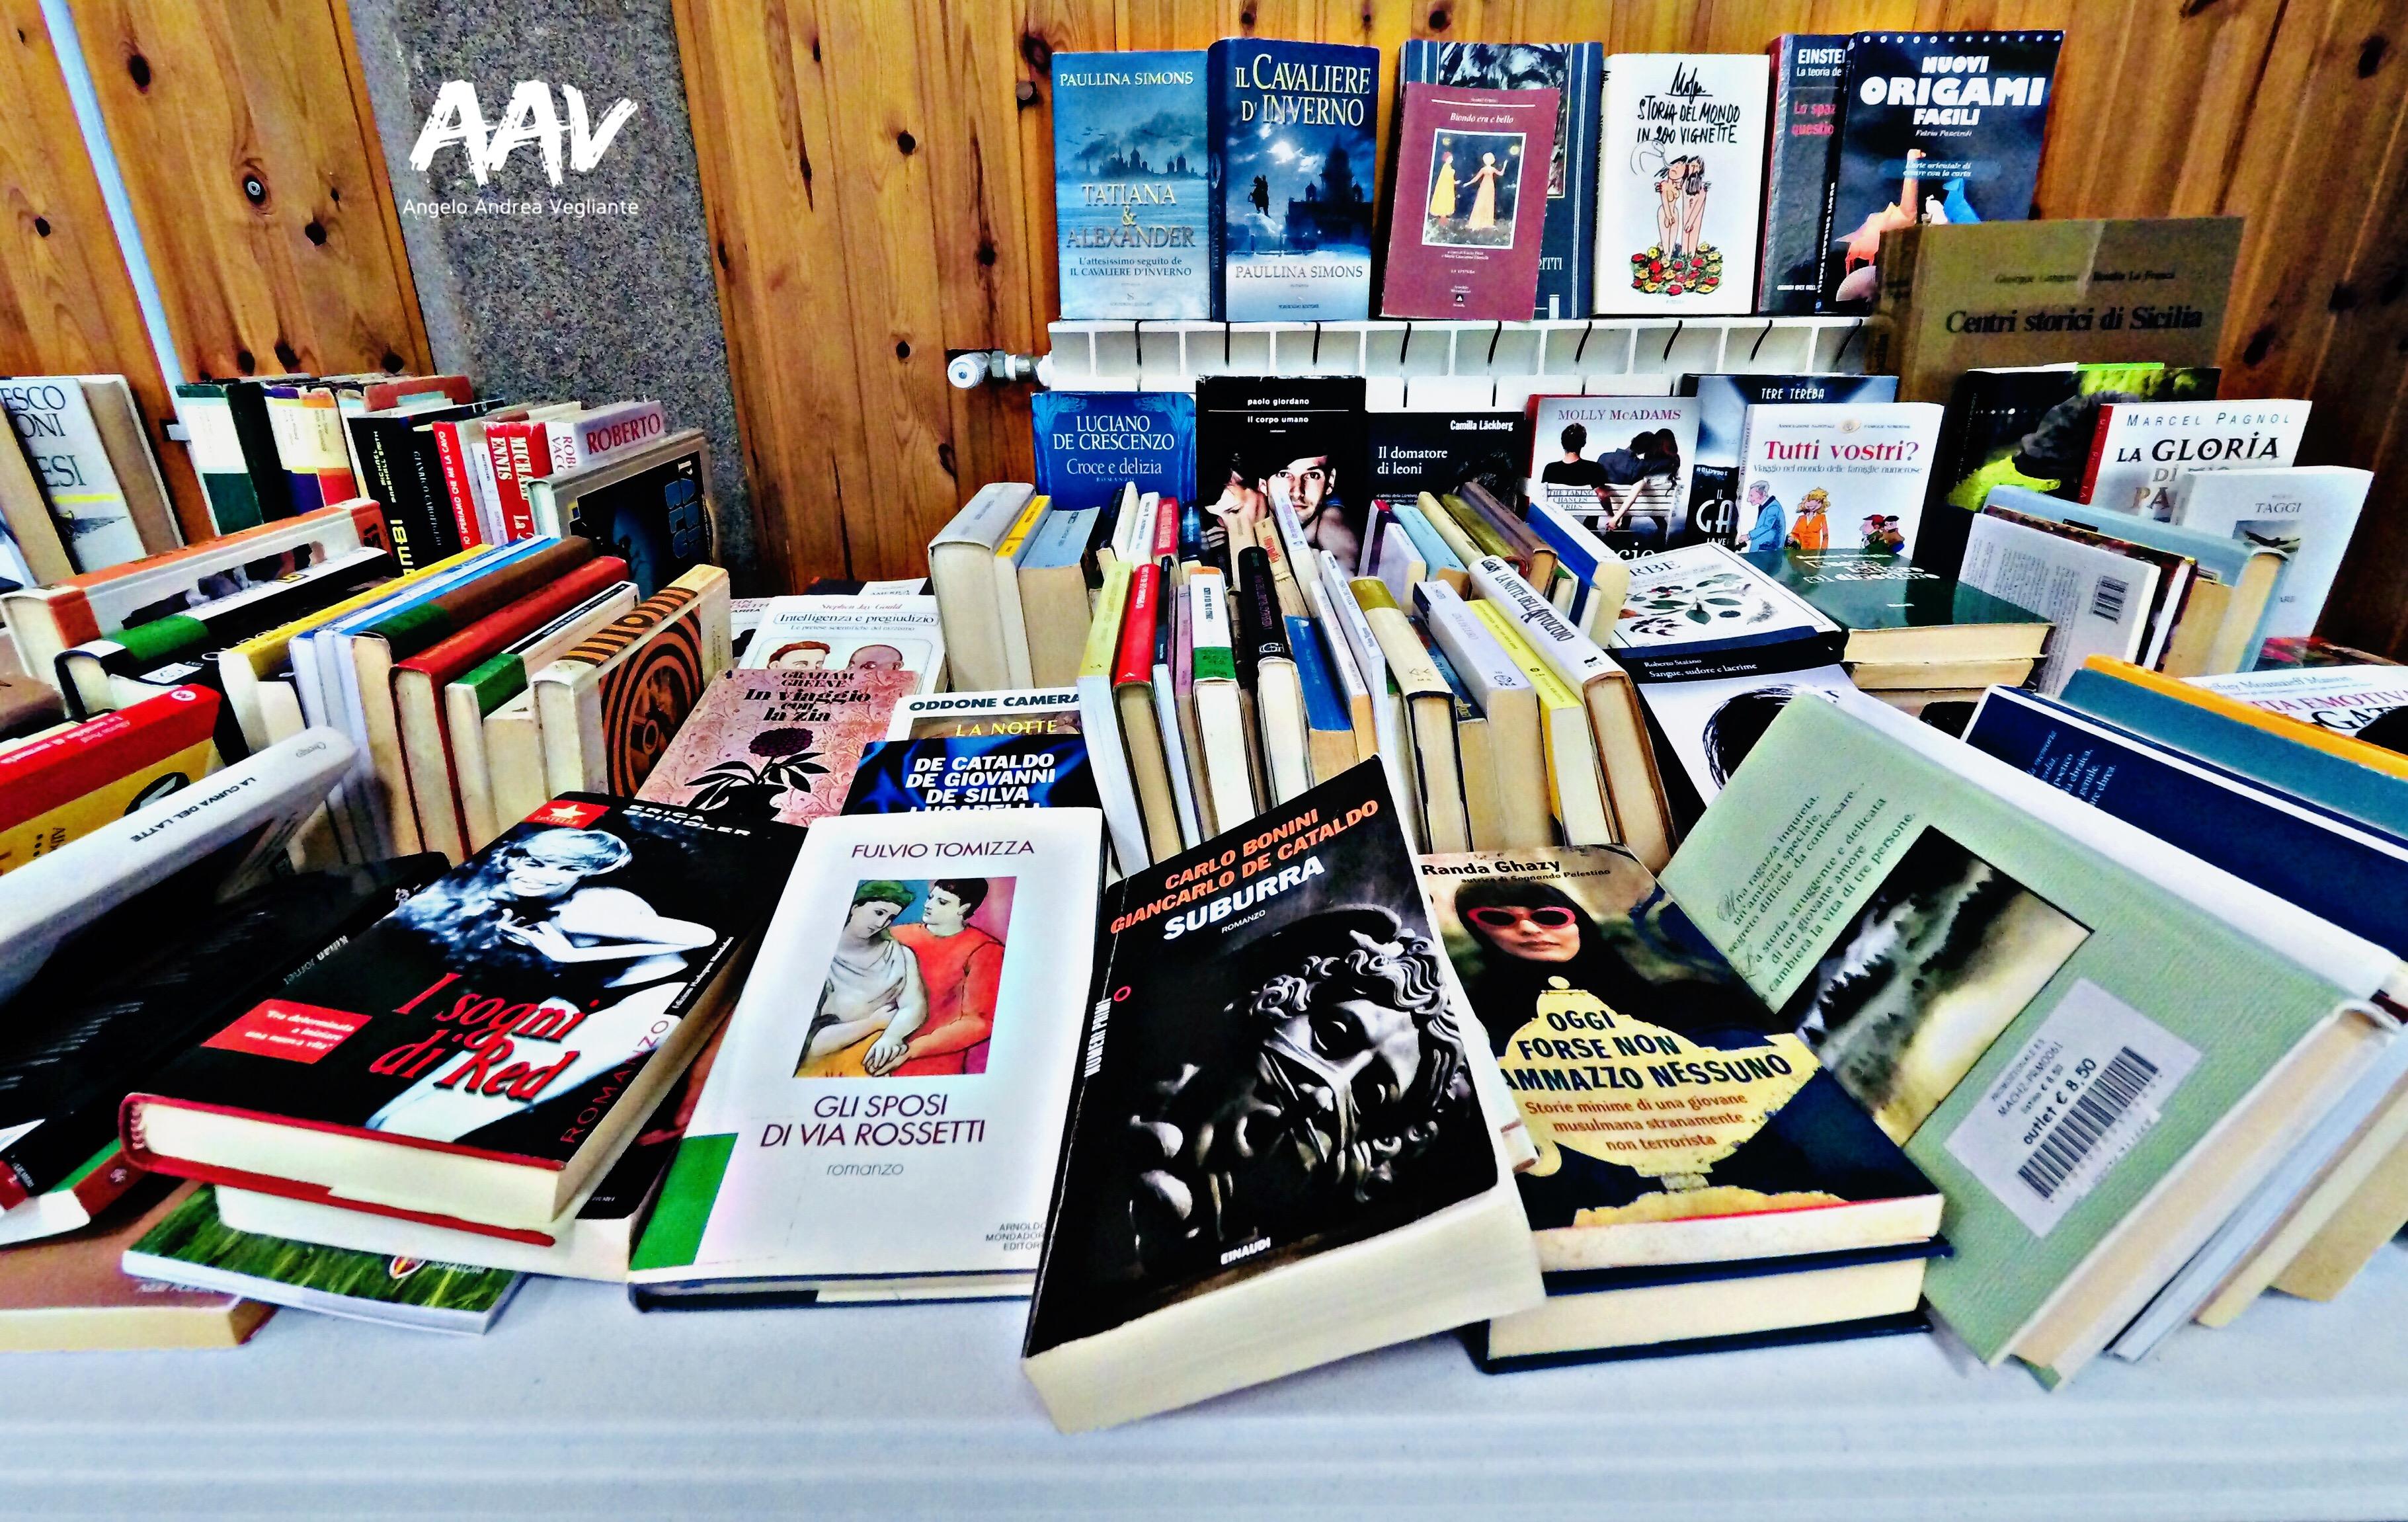 riscoperta-libro-festa-ostia-vegliante-libri